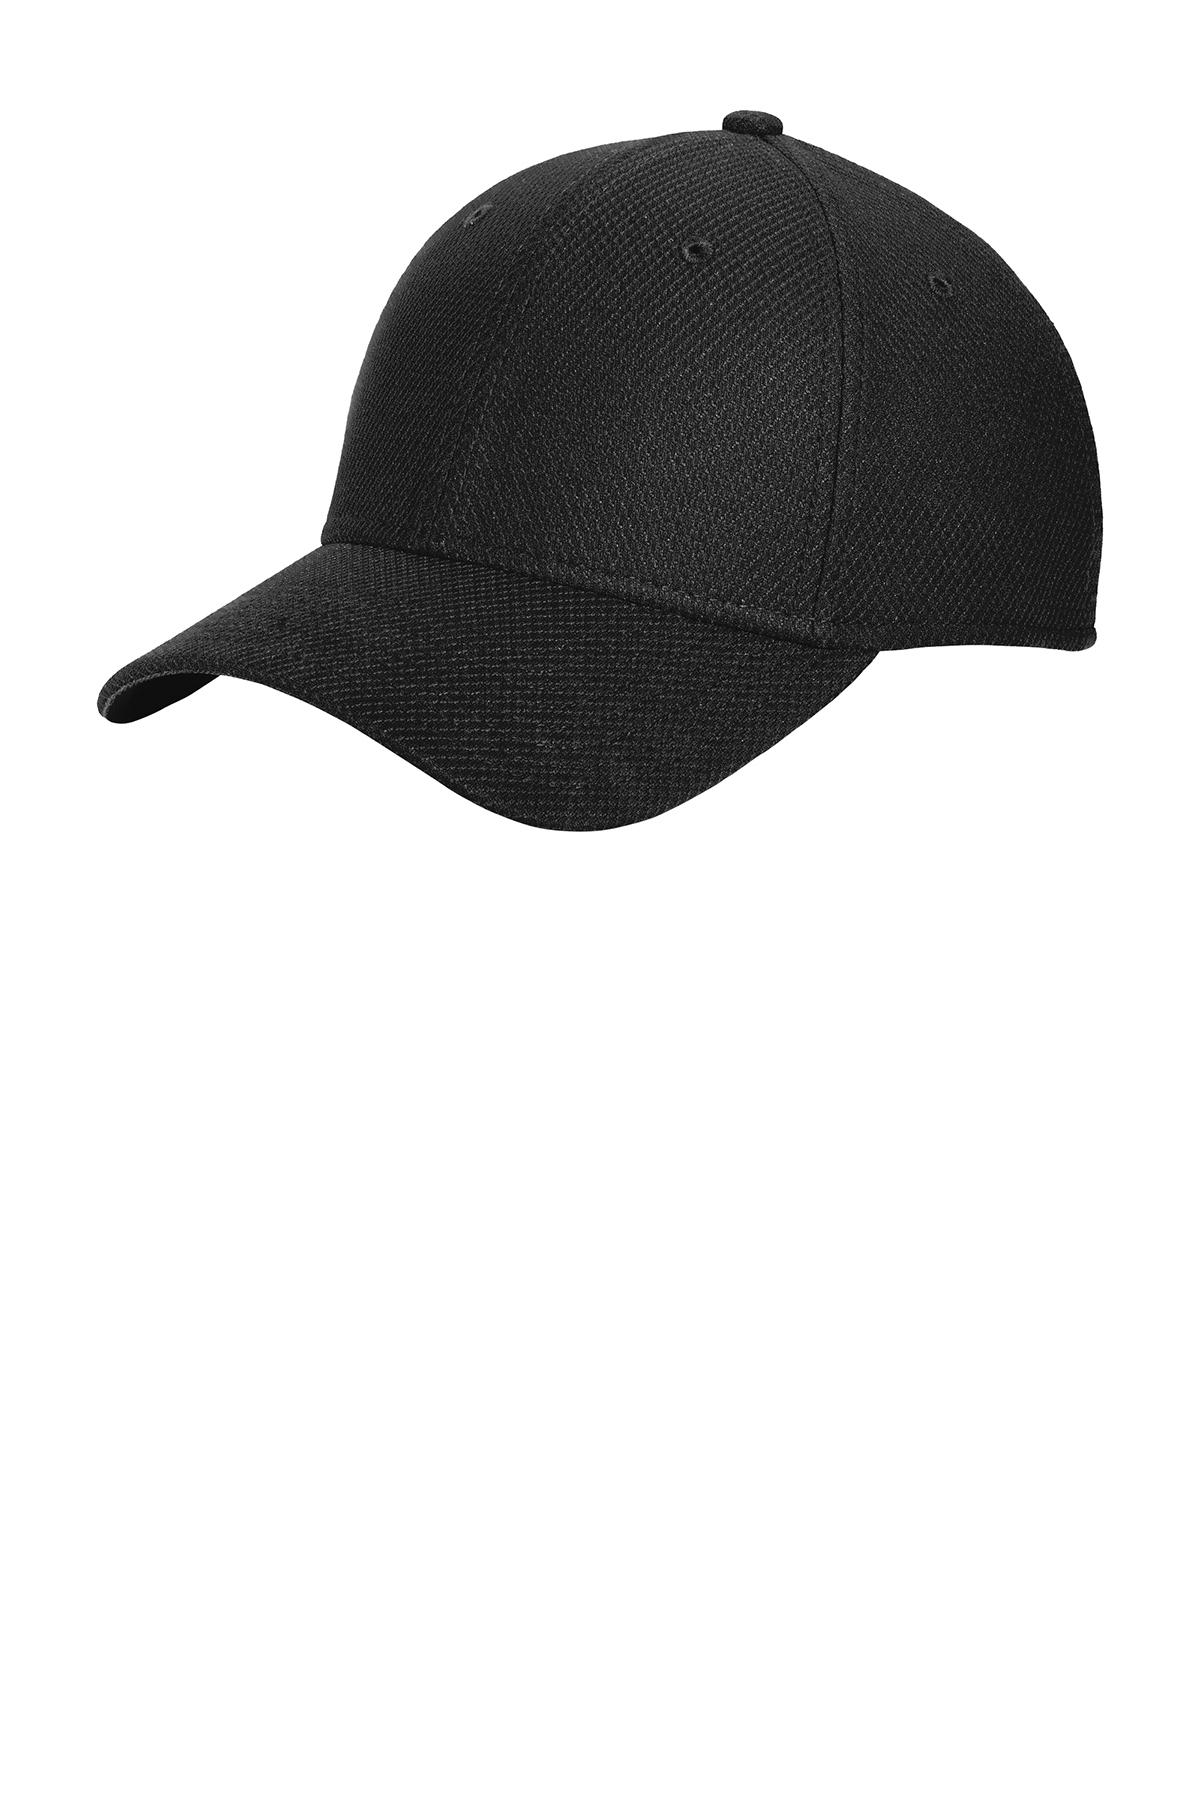 New Era NE1121 - Diamond Era Stretch Cap